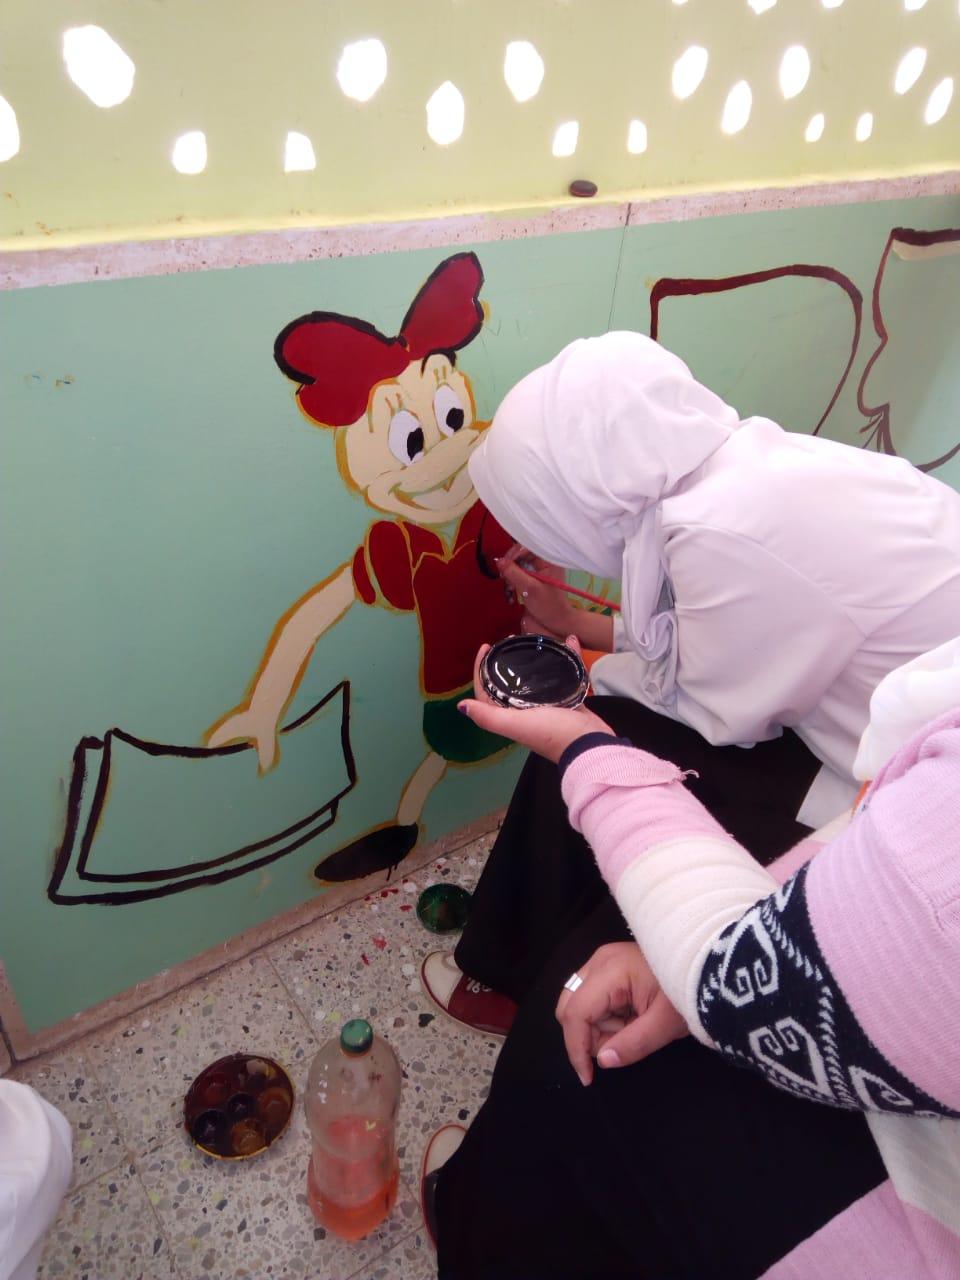 طالبات مدرسة موط الفنية ينفذن مبادرة تجميل أسوار المدارس بلوحات جدارية (12)